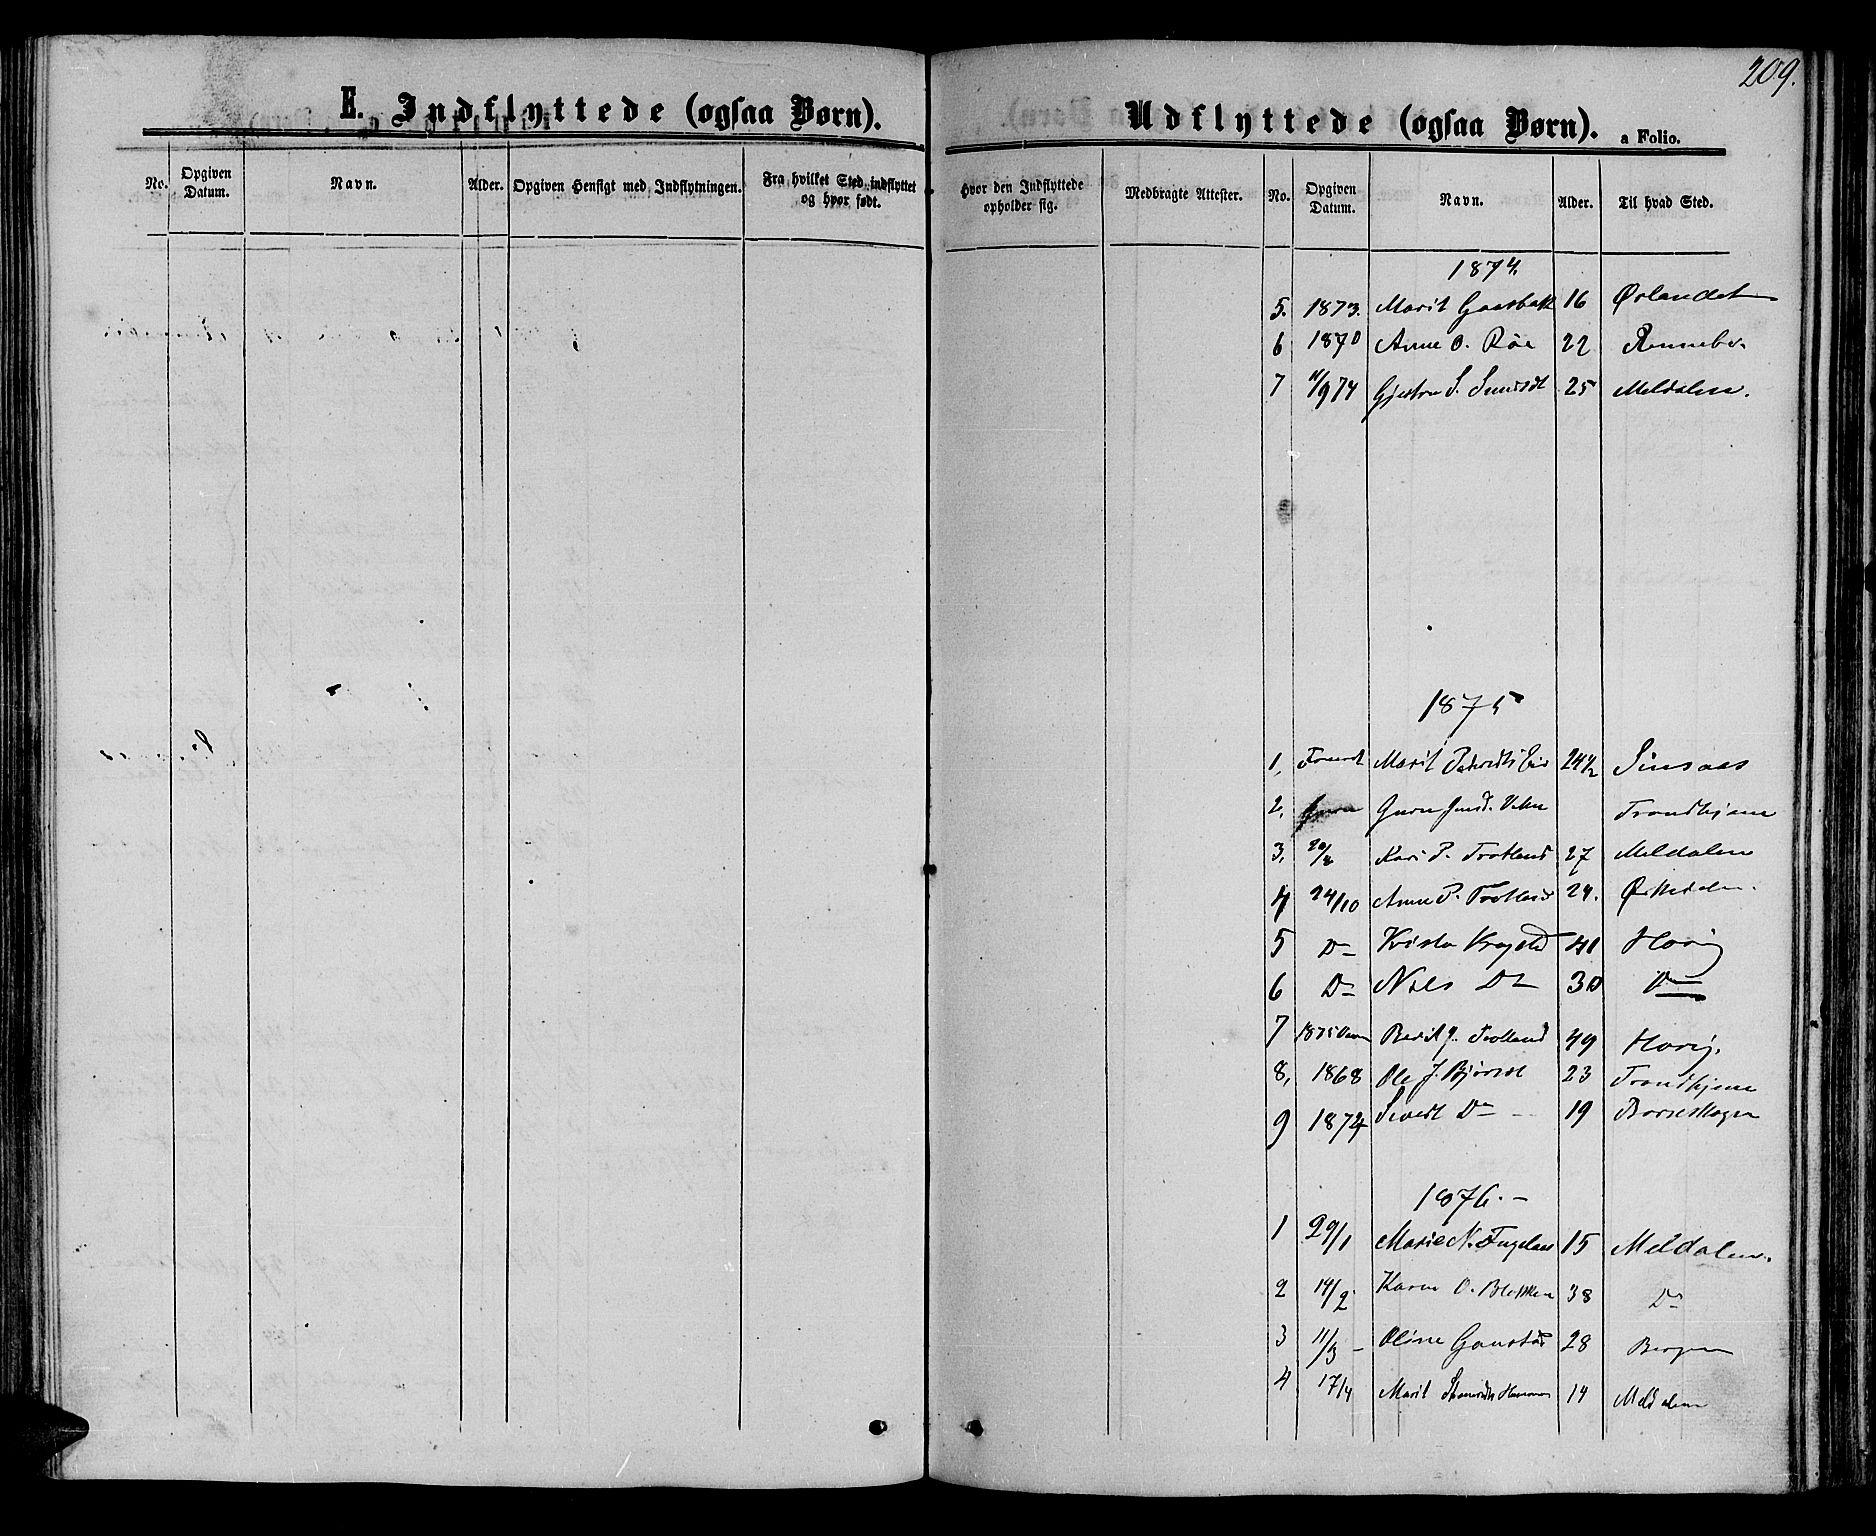 SAT, Ministerialprotokoller, klokkerbøker og fødselsregistre - Sør-Trøndelag, 694/L1131: Klokkerbok nr. 694C03, 1858-1886, s. 209